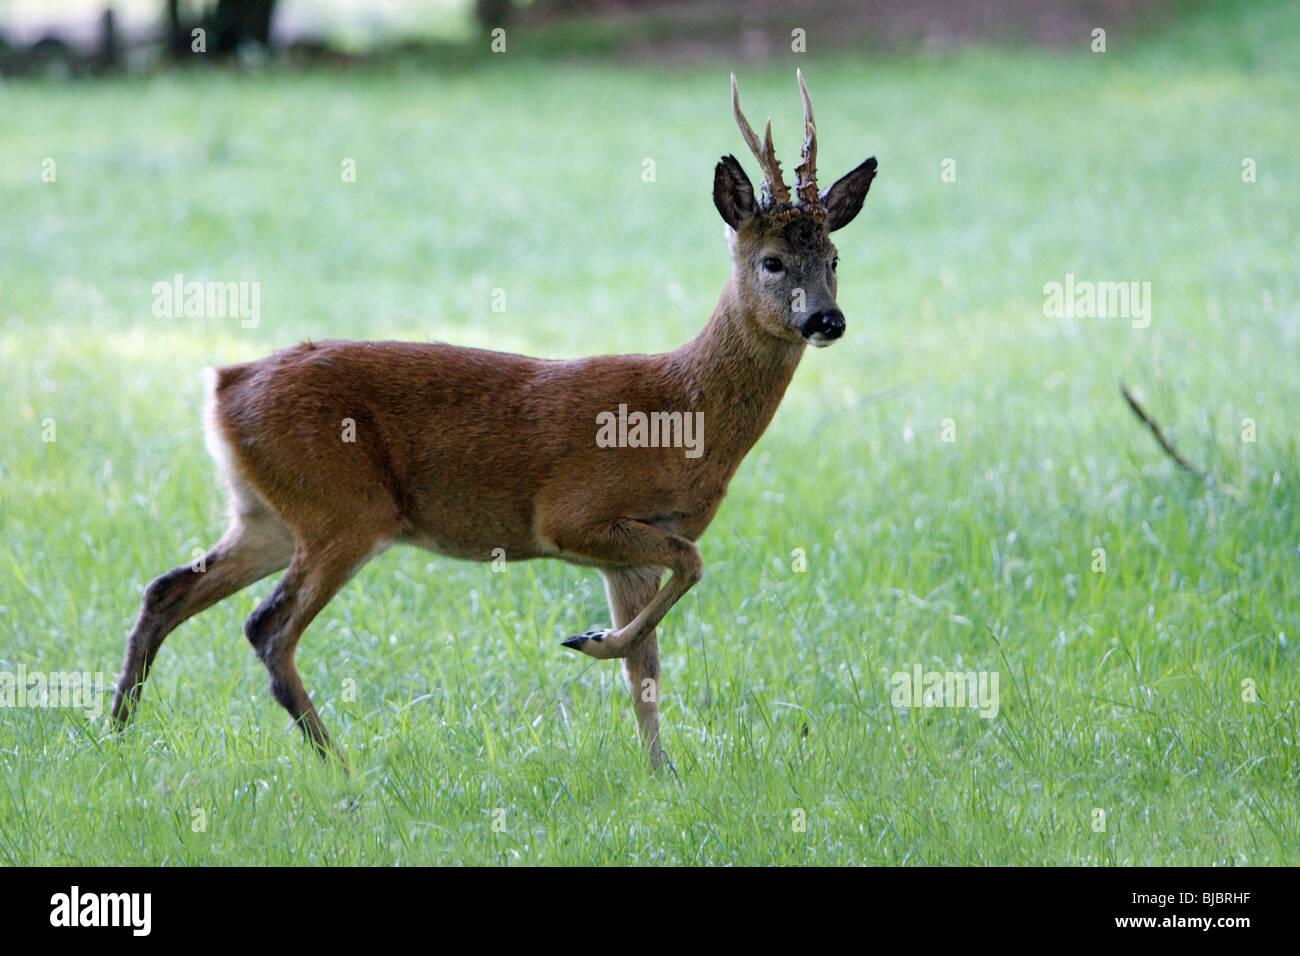 Roe Deer (Capreolus capreolus), Buck standing alert, Germany - Stock Image